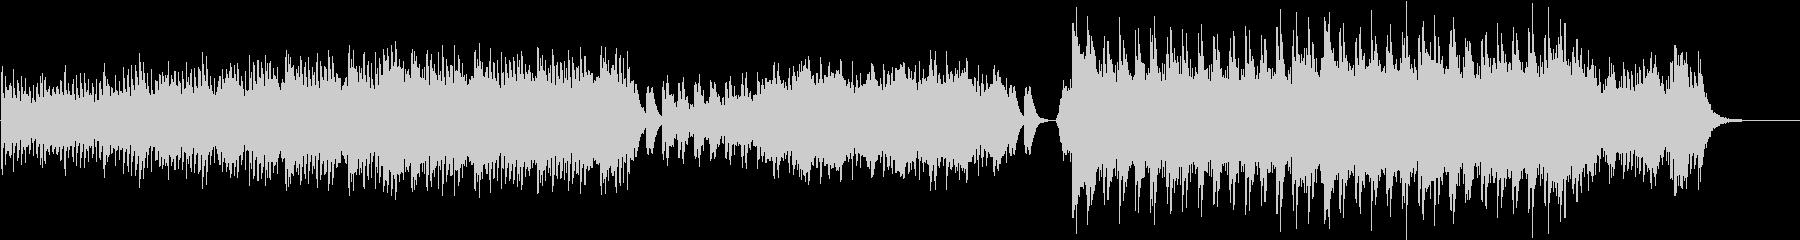 のどかな平原をイメージしたBGMの未再生の波形